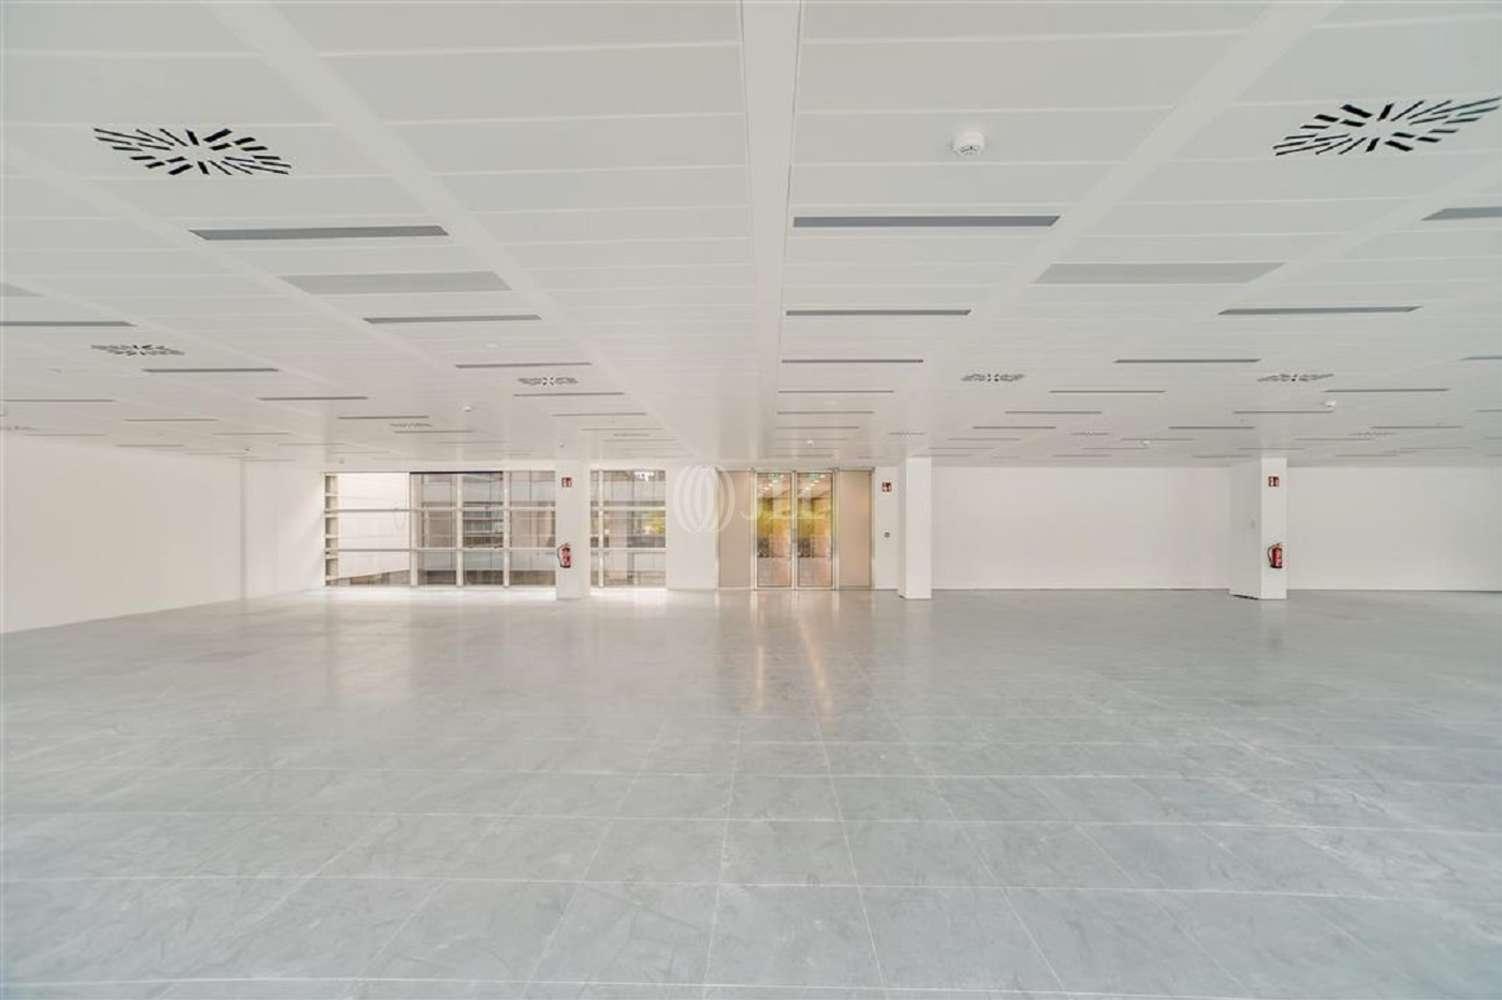 Oficina Sant cugat del vallès, 08174 - SANT CUGAT NORD - Edifici A - 18010